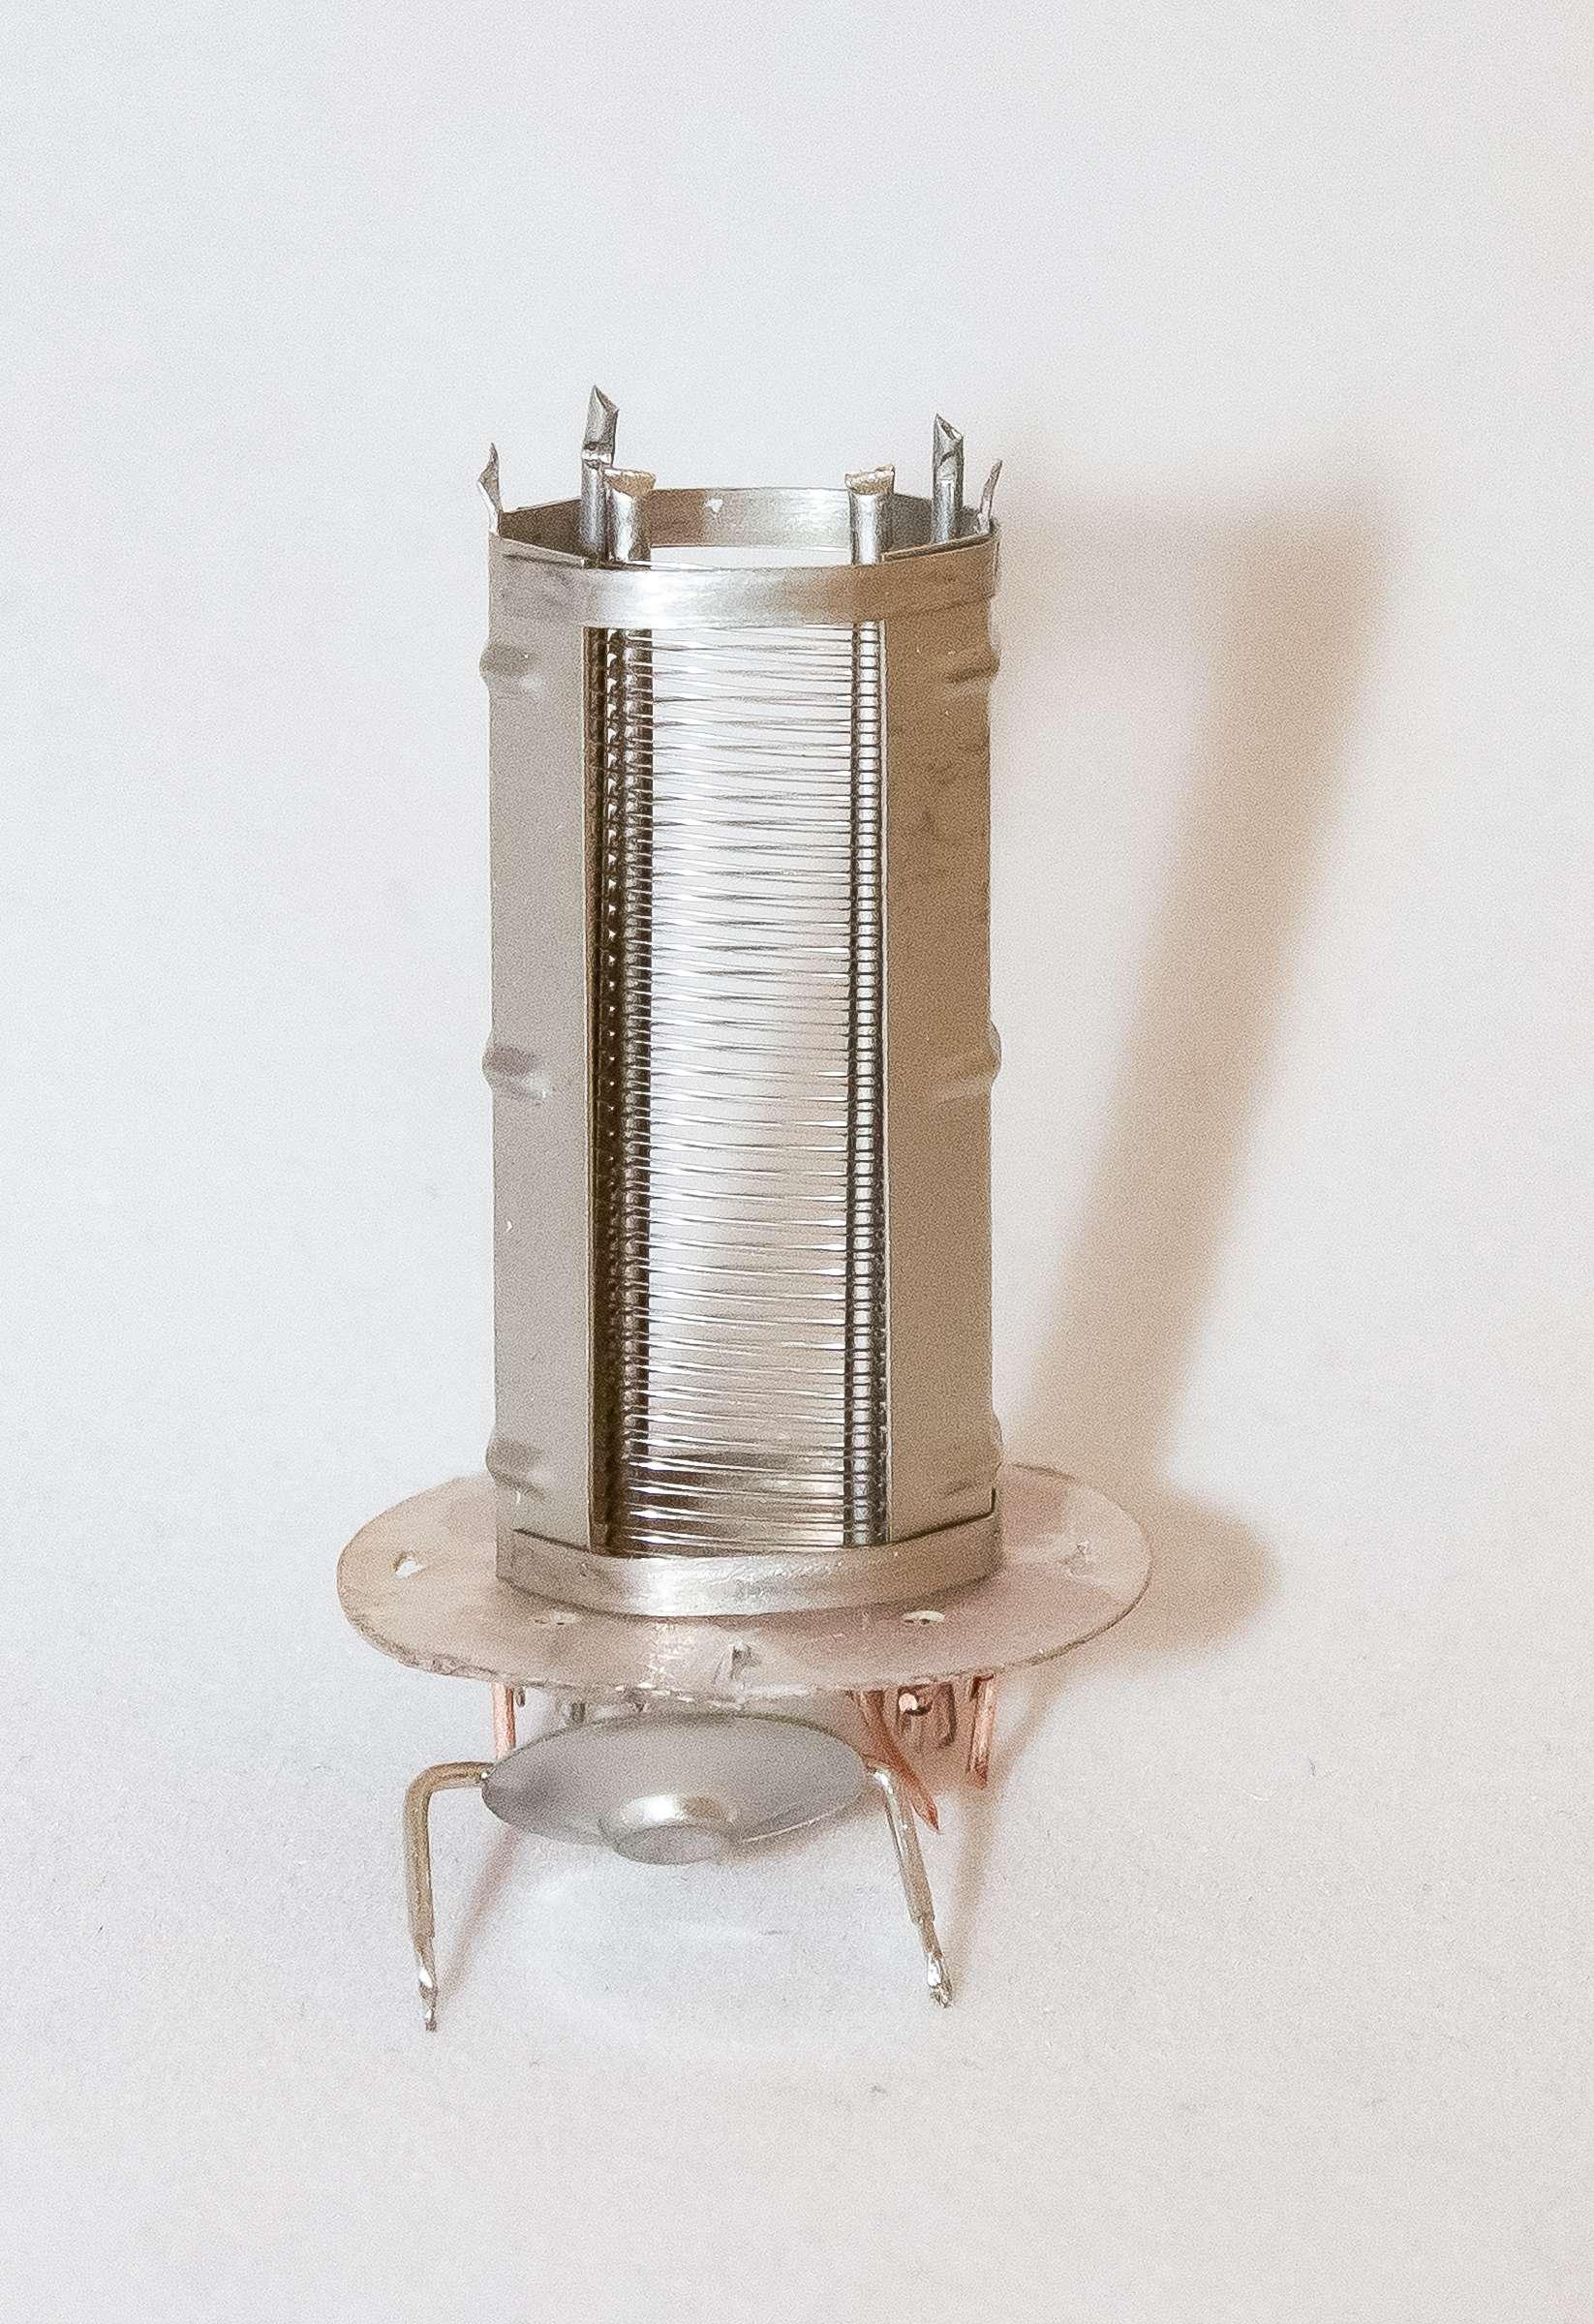 Внутреннее устройство радиолампы 6П1П